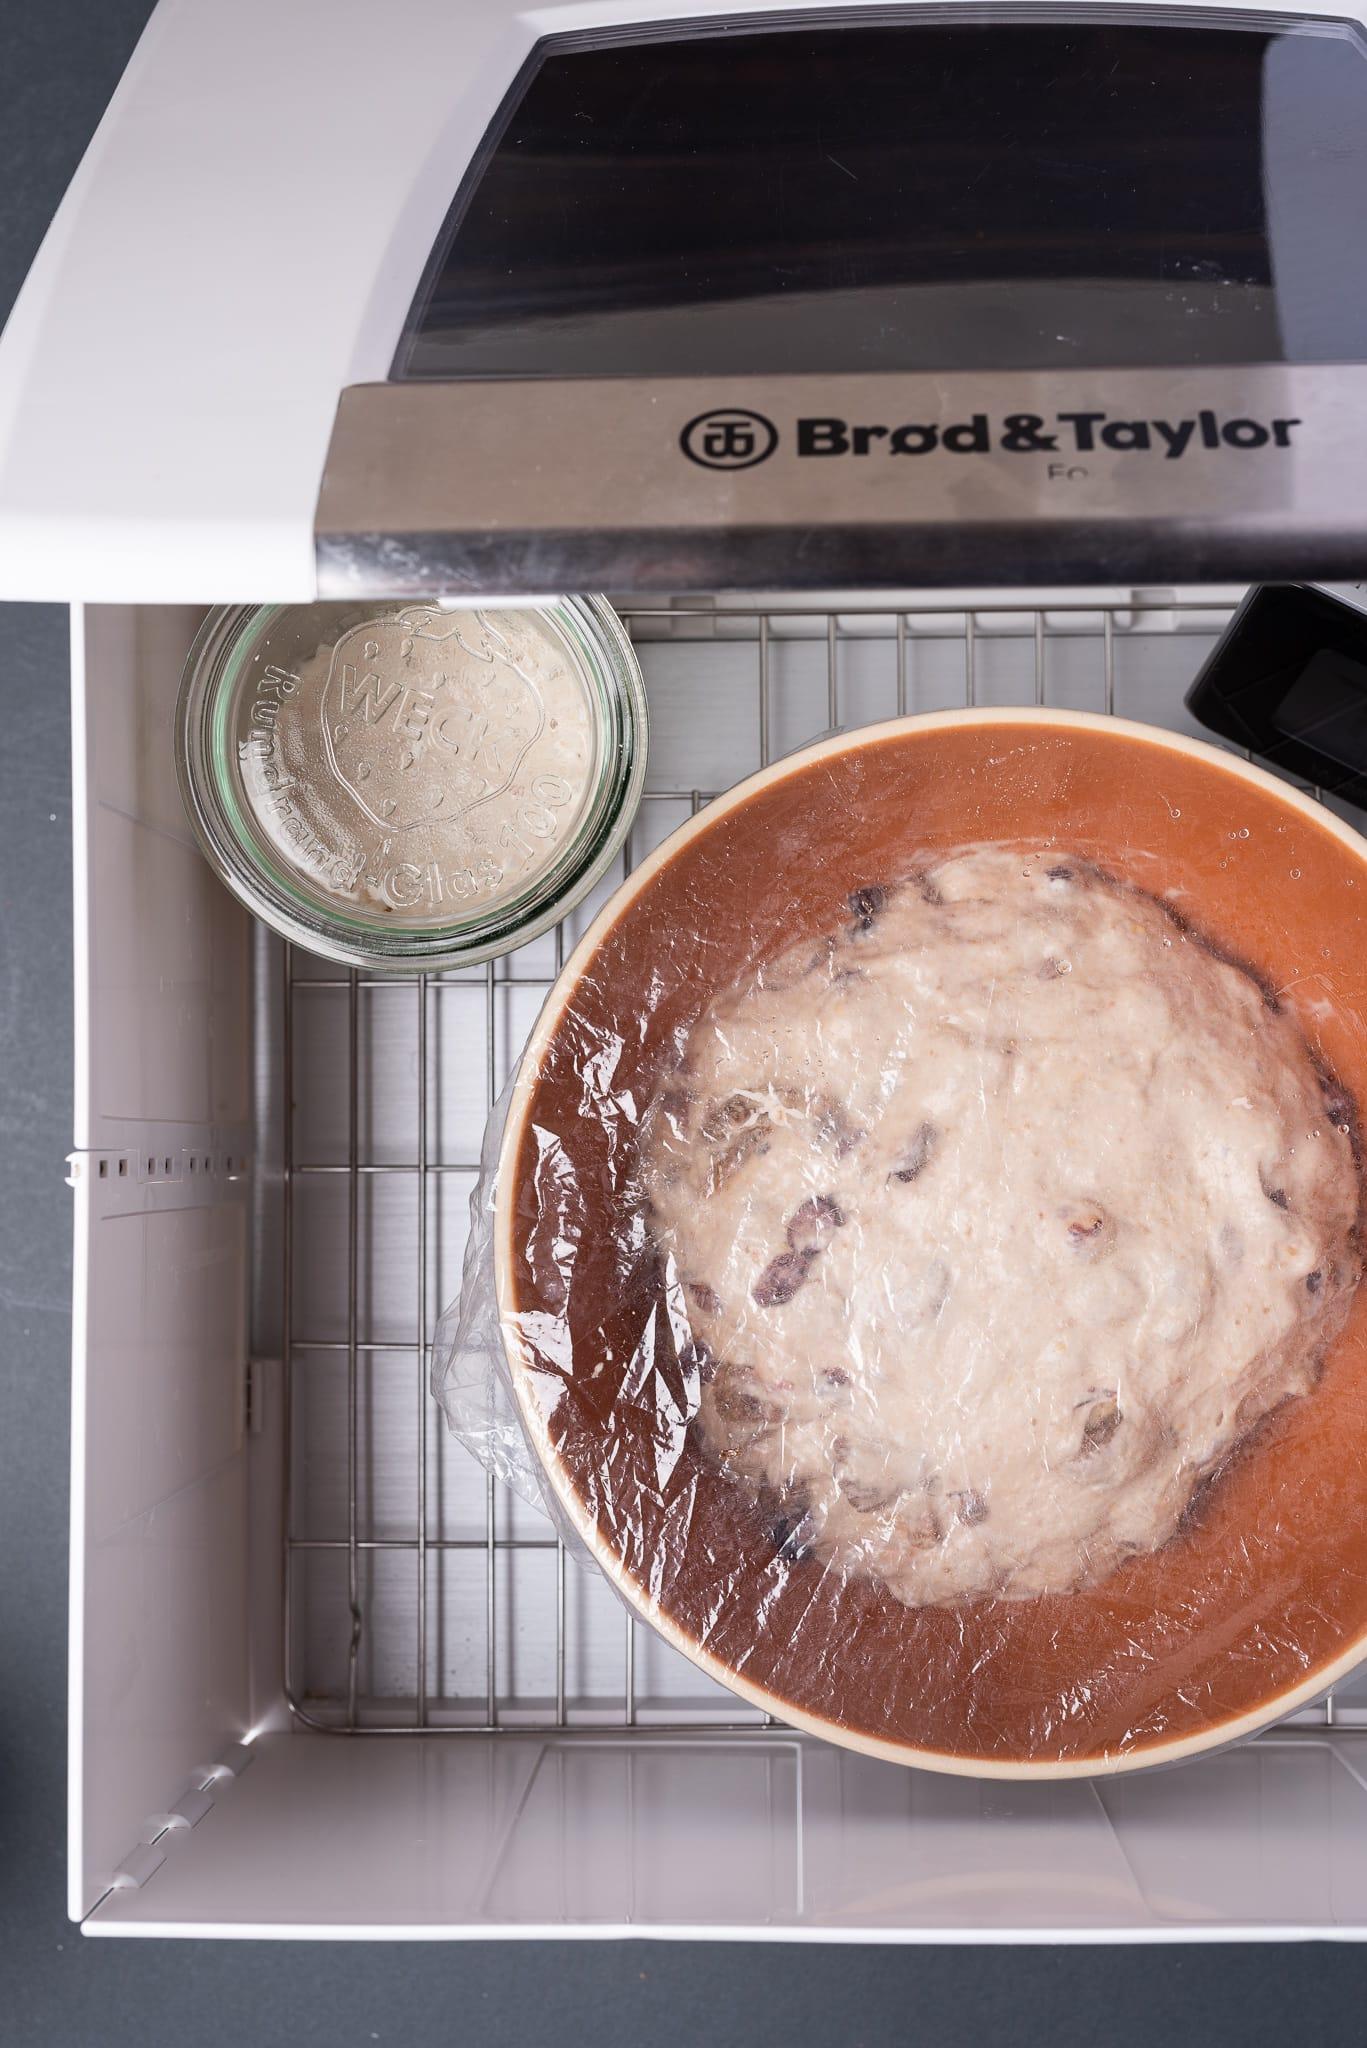 Heath Ceramics bowl inside dough proofer